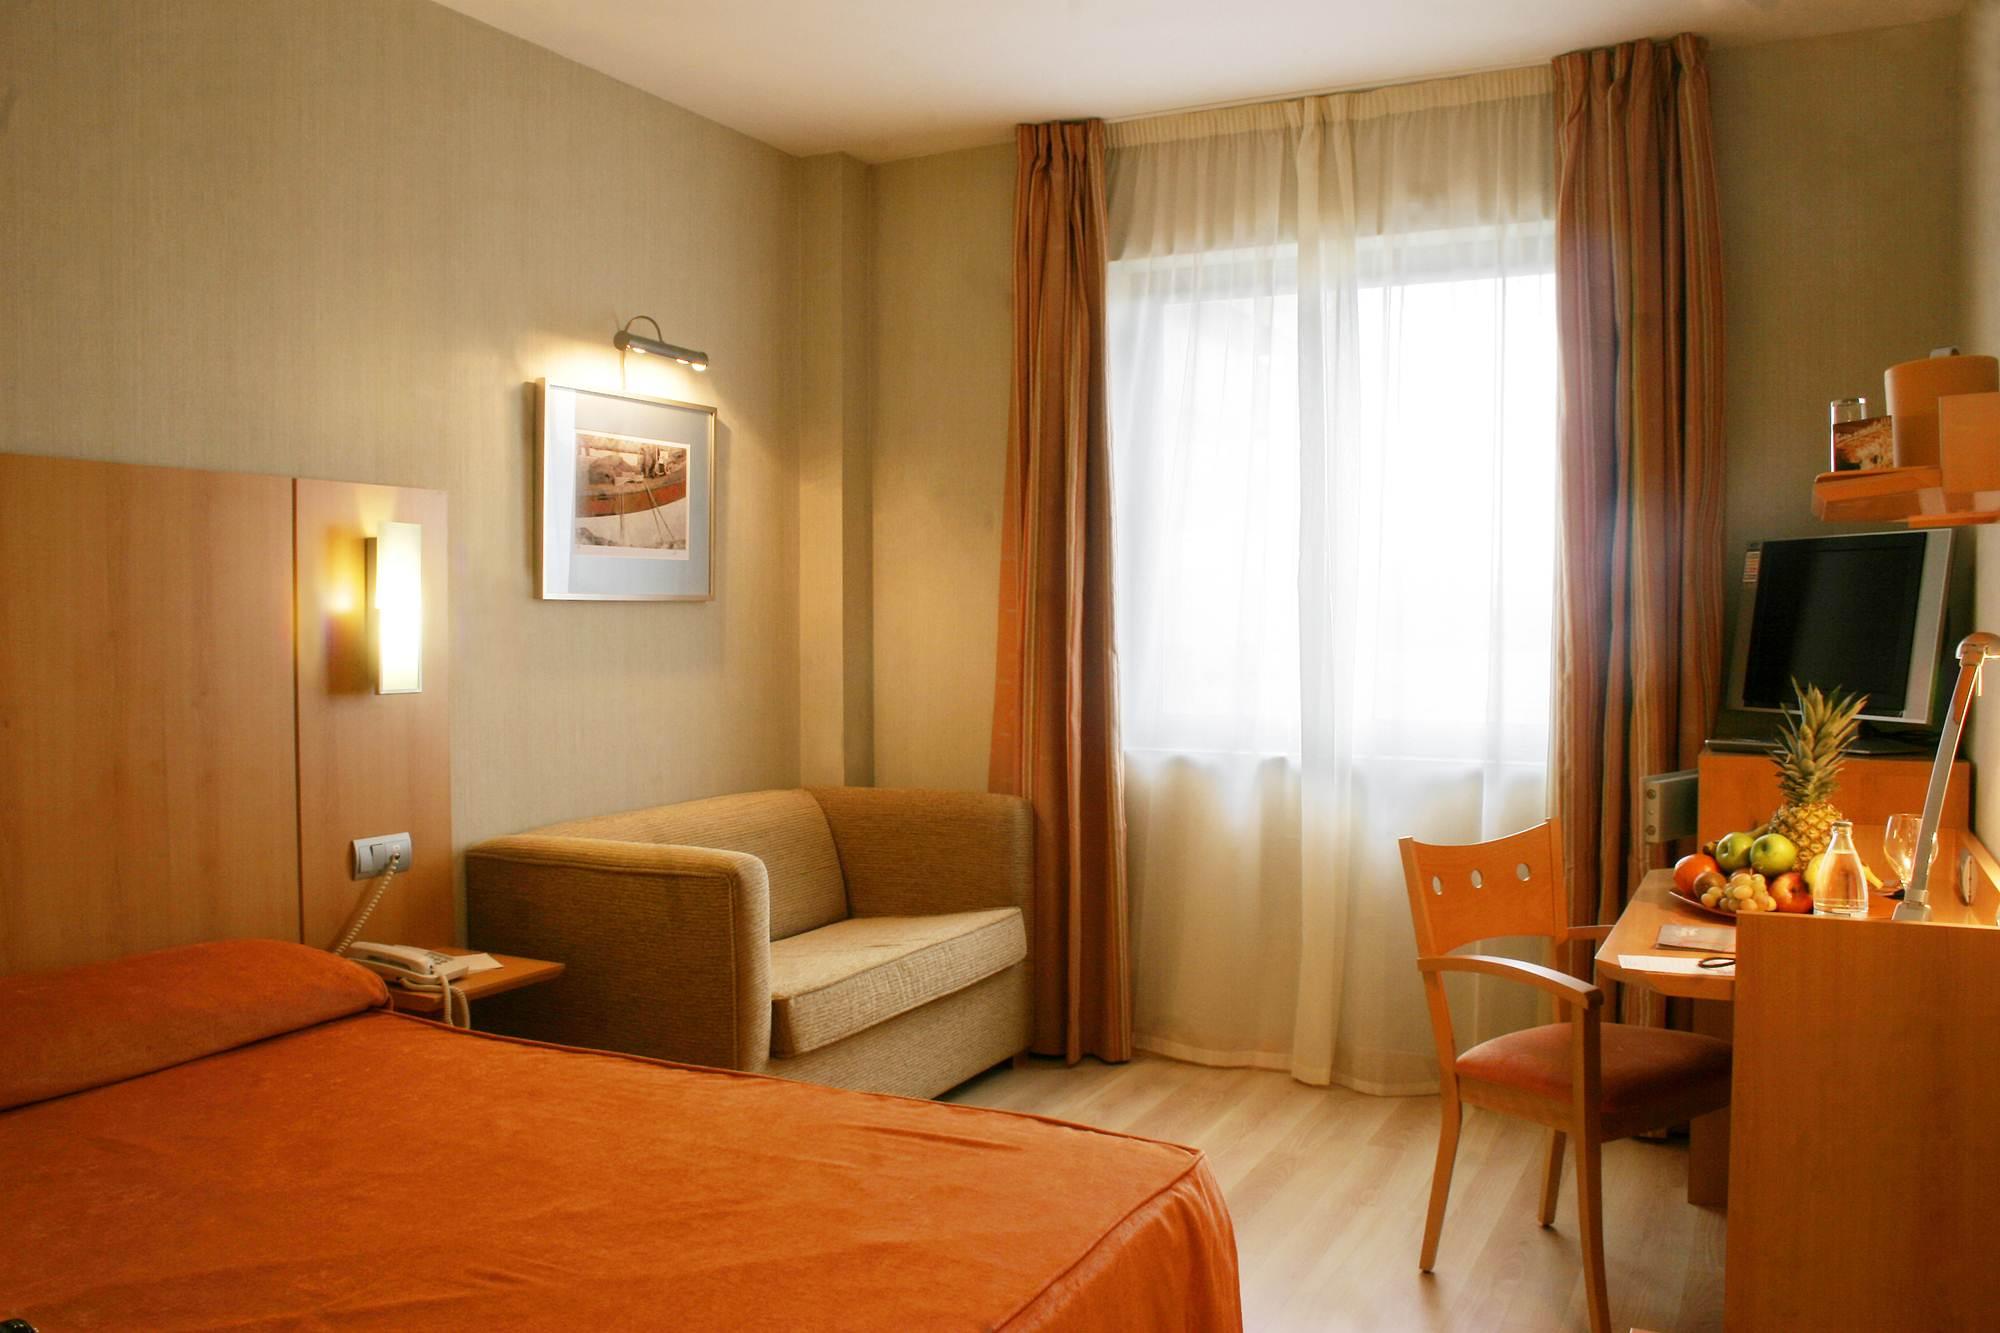 Fotos del hotel - POSADAS DE ESPAÑA CARTAGENA